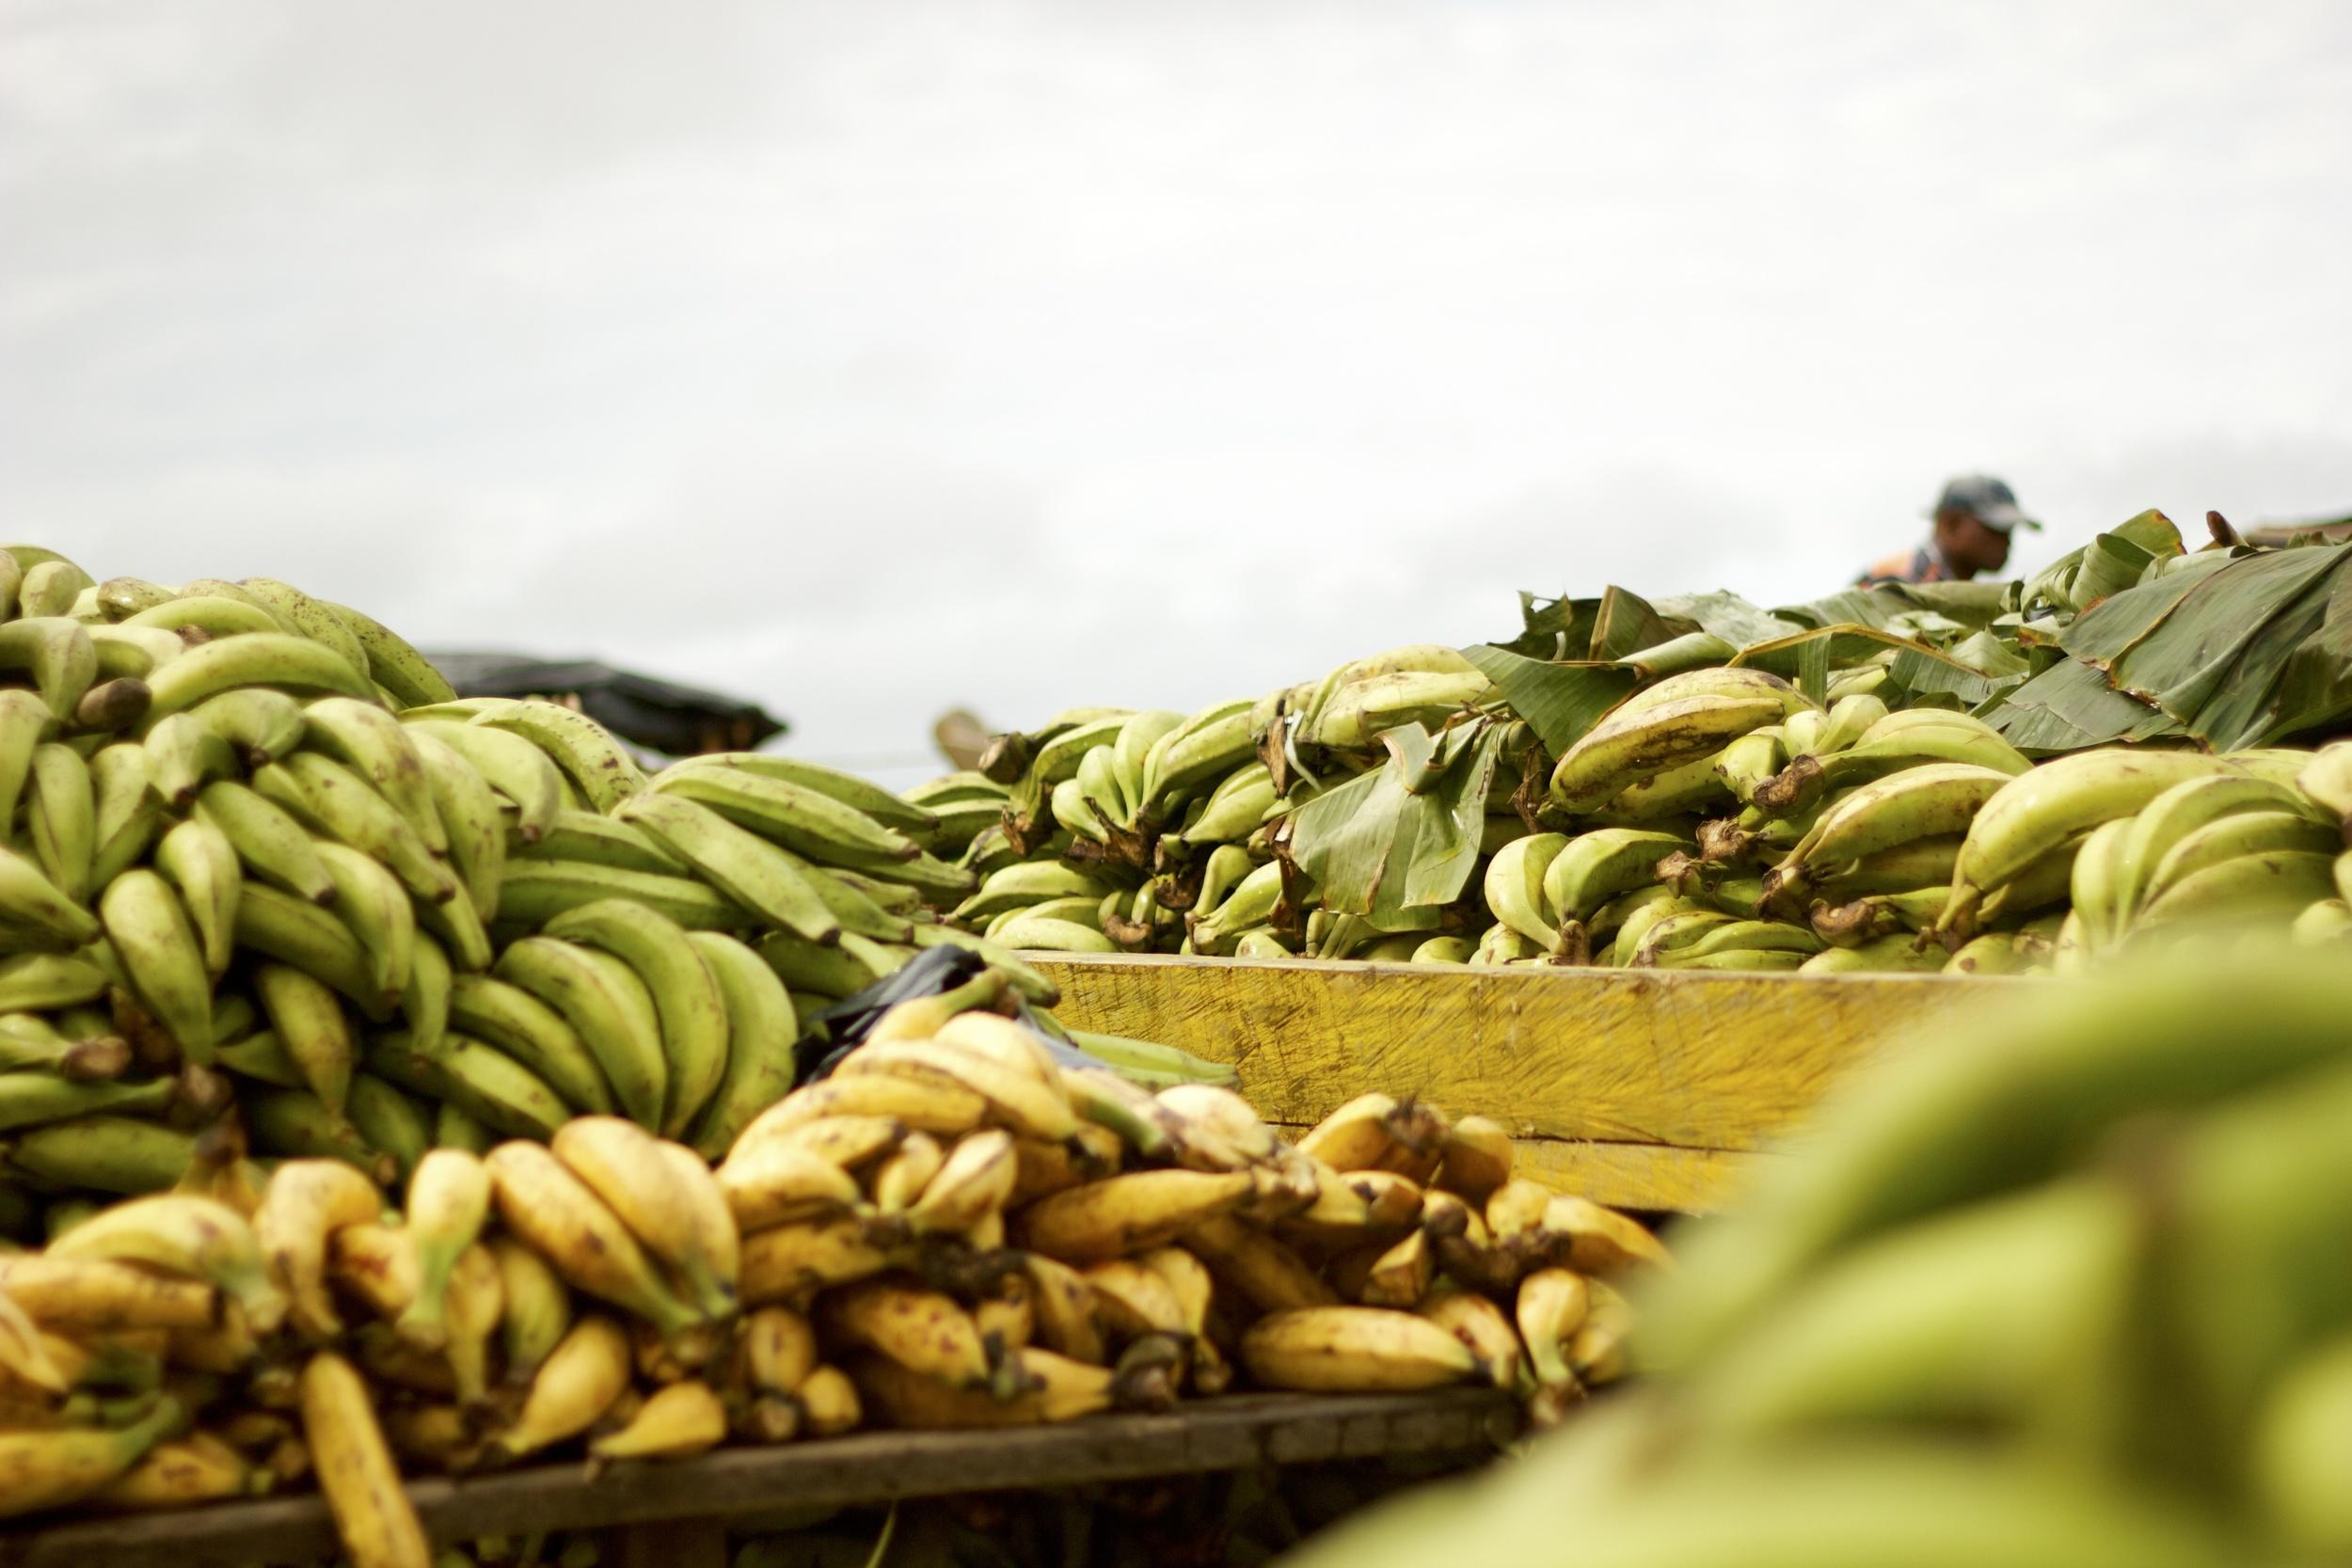 Plátanos. Quibdó, 2013.